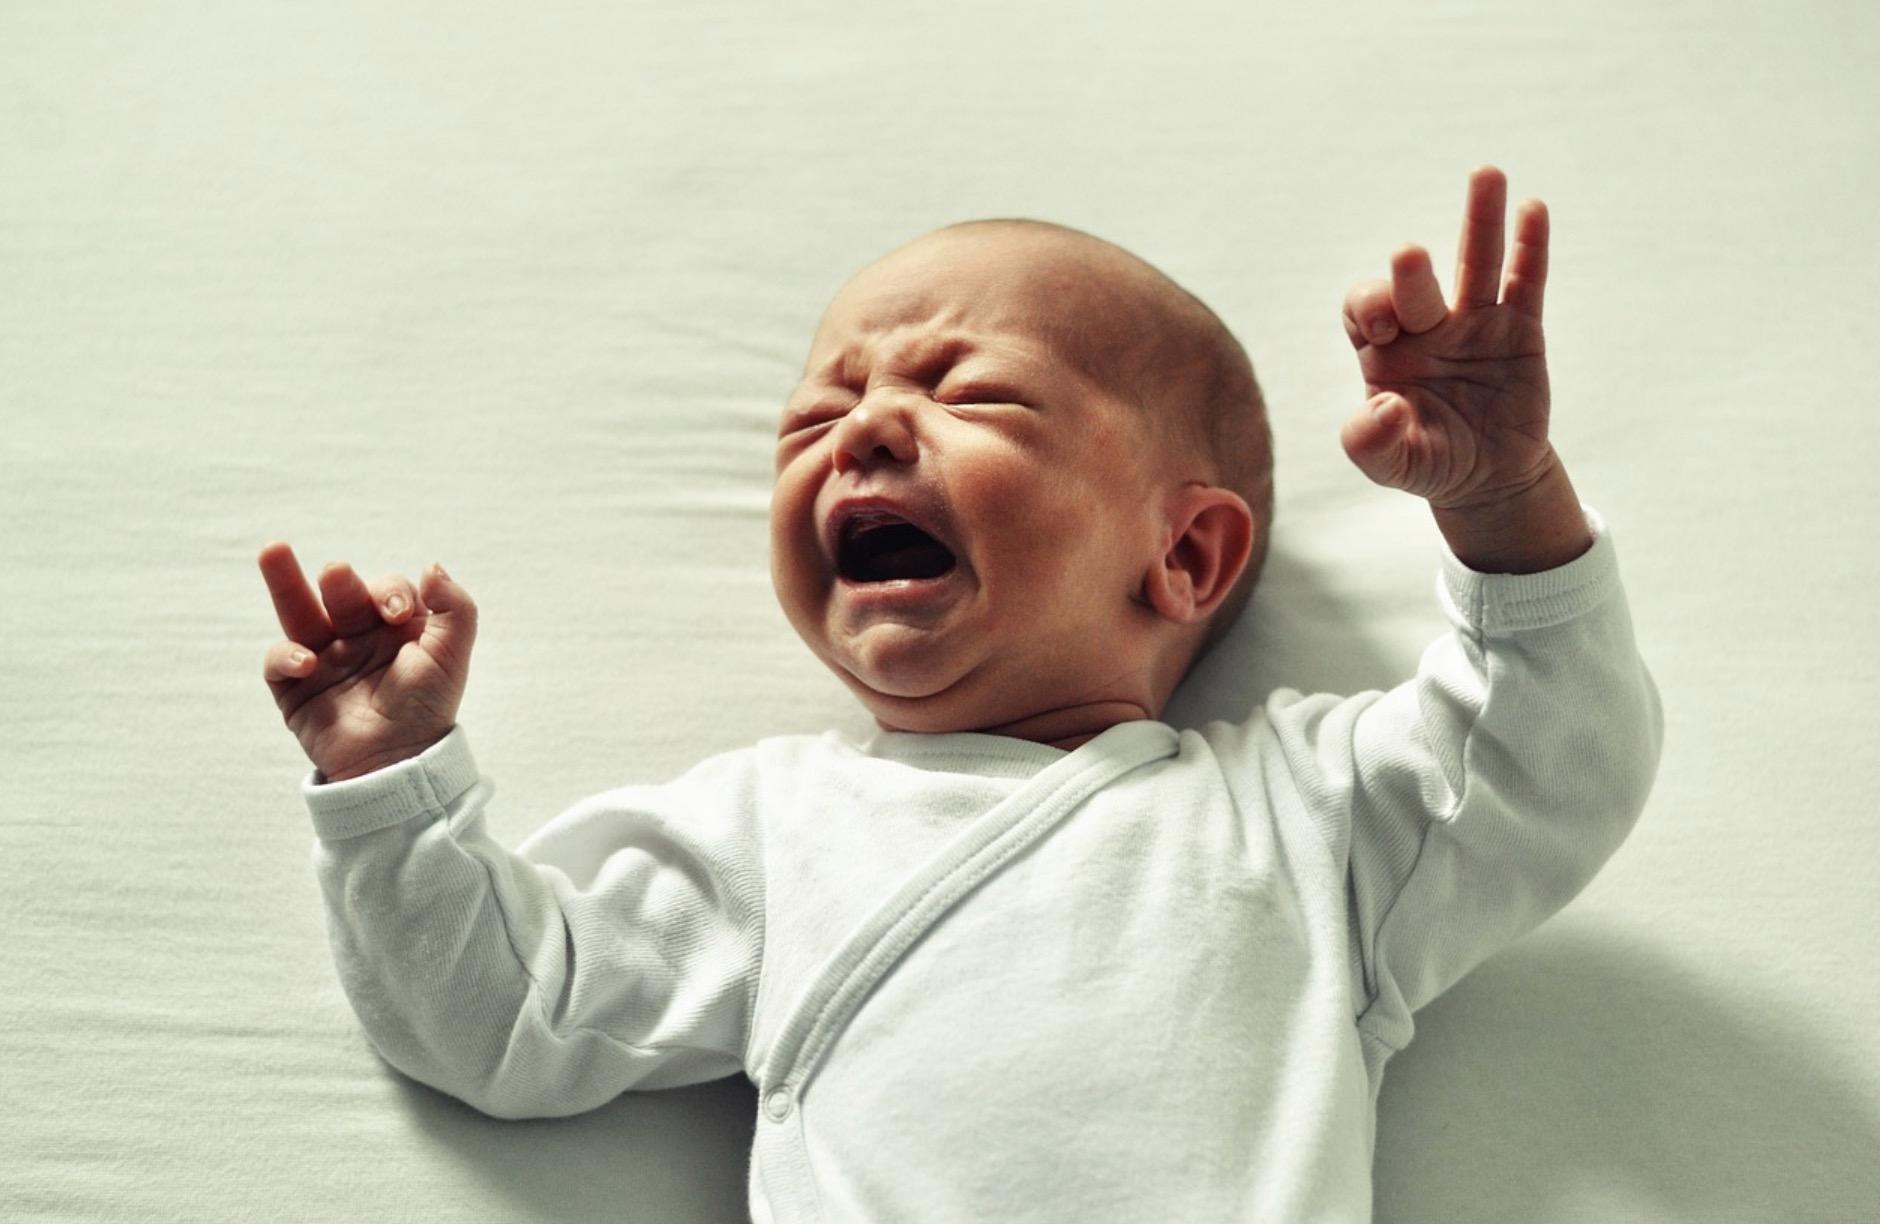 Bébé ne fait pas ses nuits et hurle